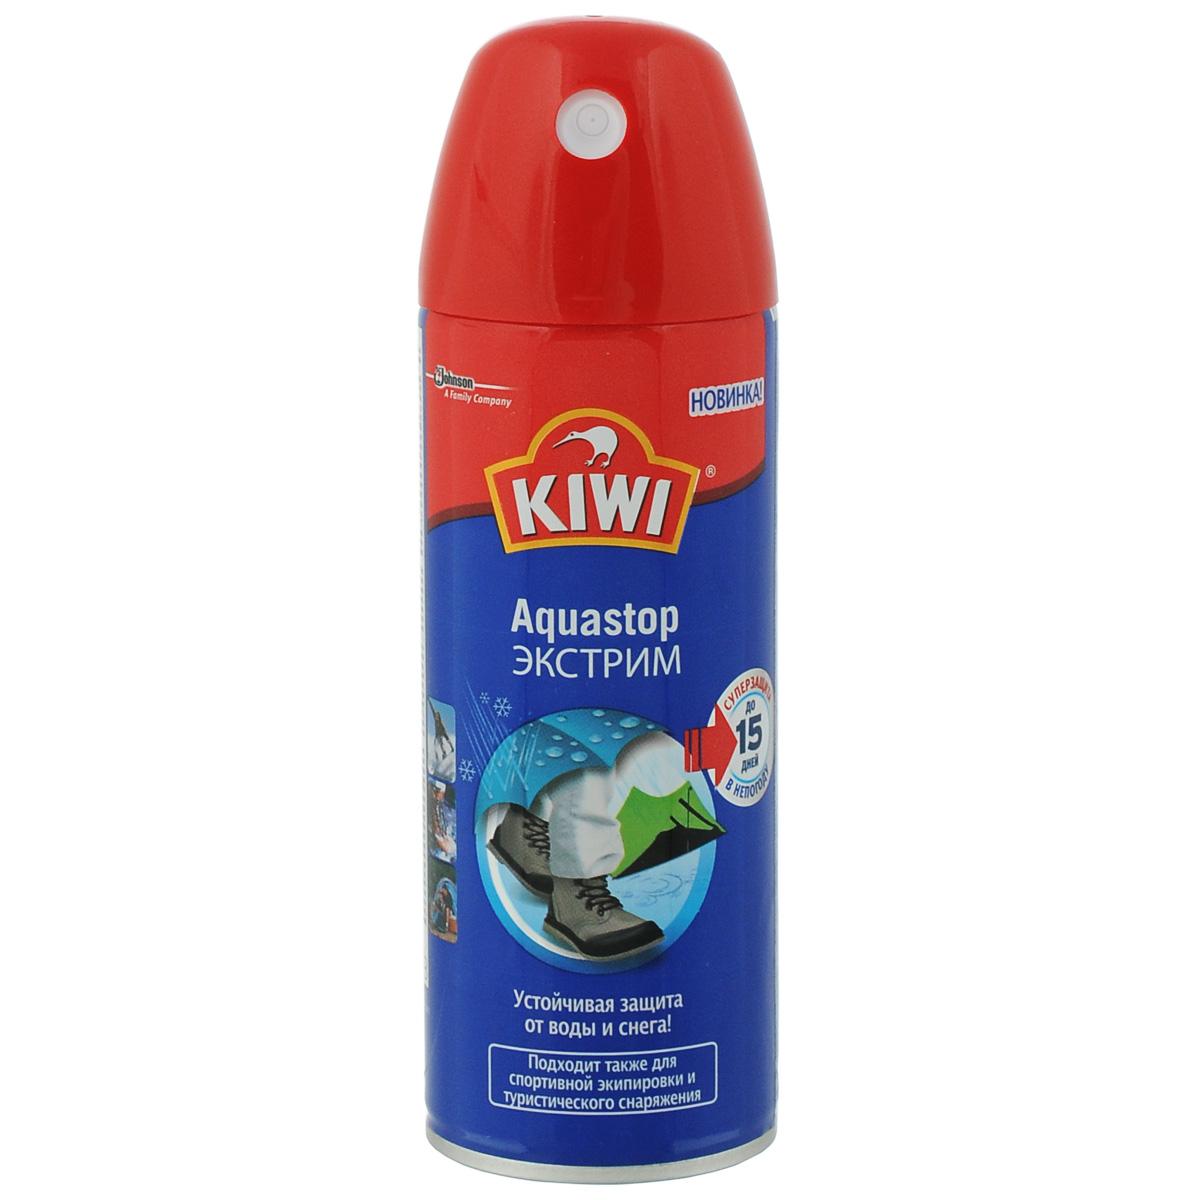 Спрей-пропитка защитный Kiwi Aquastop, для обуви и одежды, 200 мл653070Спрей-пропитка Kiwi Aquastop защищает вашу обувь и одежду от воды и пятен. Улучшенная формула, максимальная защита. Содержит на 37% больше активных компонентов защиты кожи по сравнению с другими спреями. Из-за высокой концентрации плюрополимеров образует невидимую водоотталкивающую пленку, которая защищает от дождя и снега, а так же появления масляных и жирных пятен. Состав: алифатические углеводороды >30%, бутан/пропан/изобутан >15% но Товар сертифицирован.